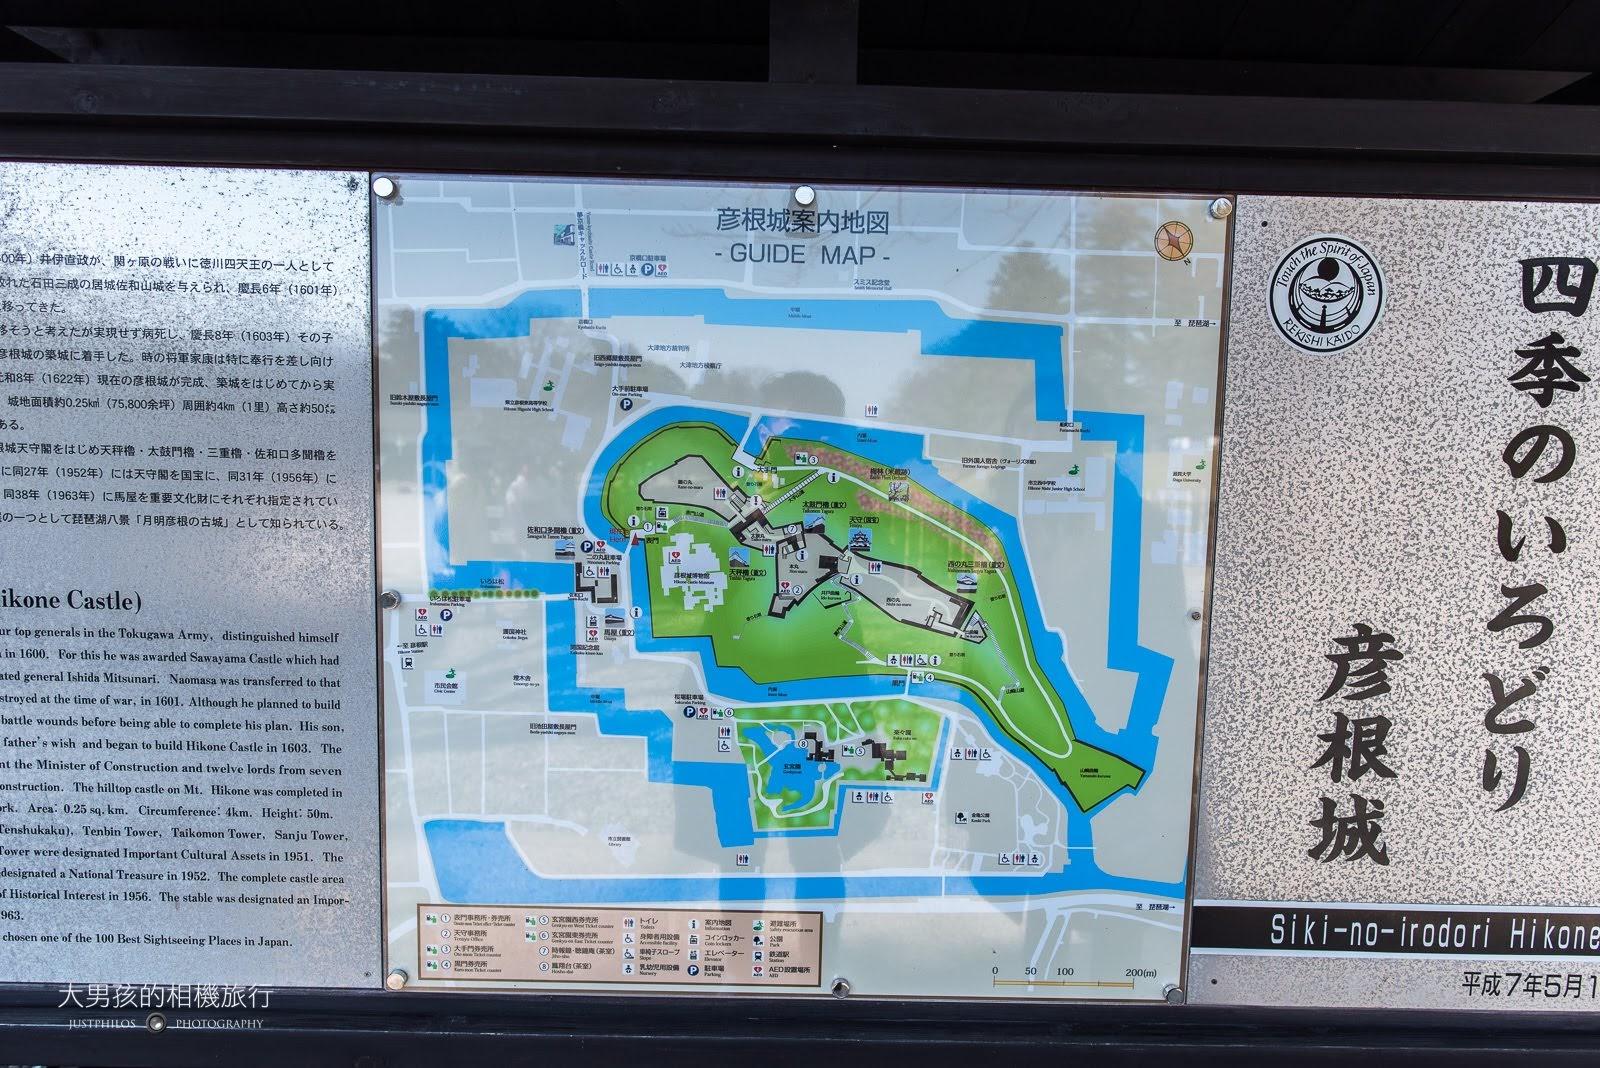 彥根城的佔地還滿廣大的,如果要慢慢晃大約需安排2小時的時間。